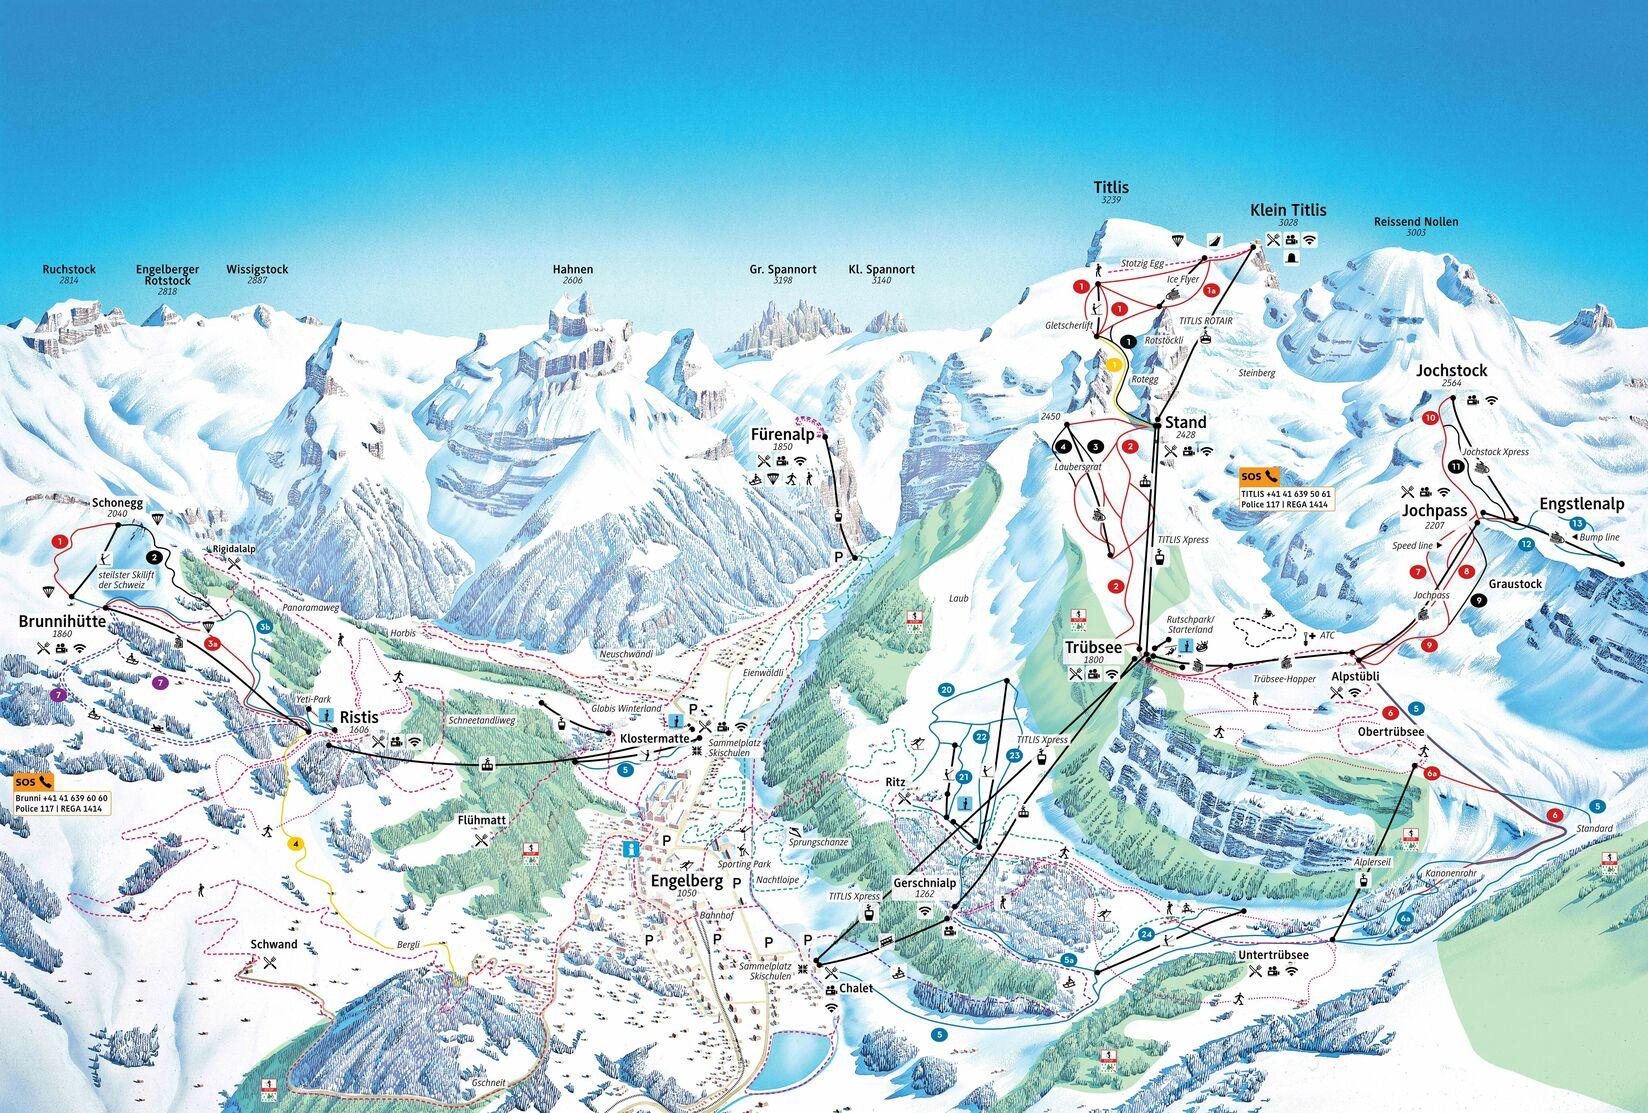 mapa pistas Engelberg (Titlis)